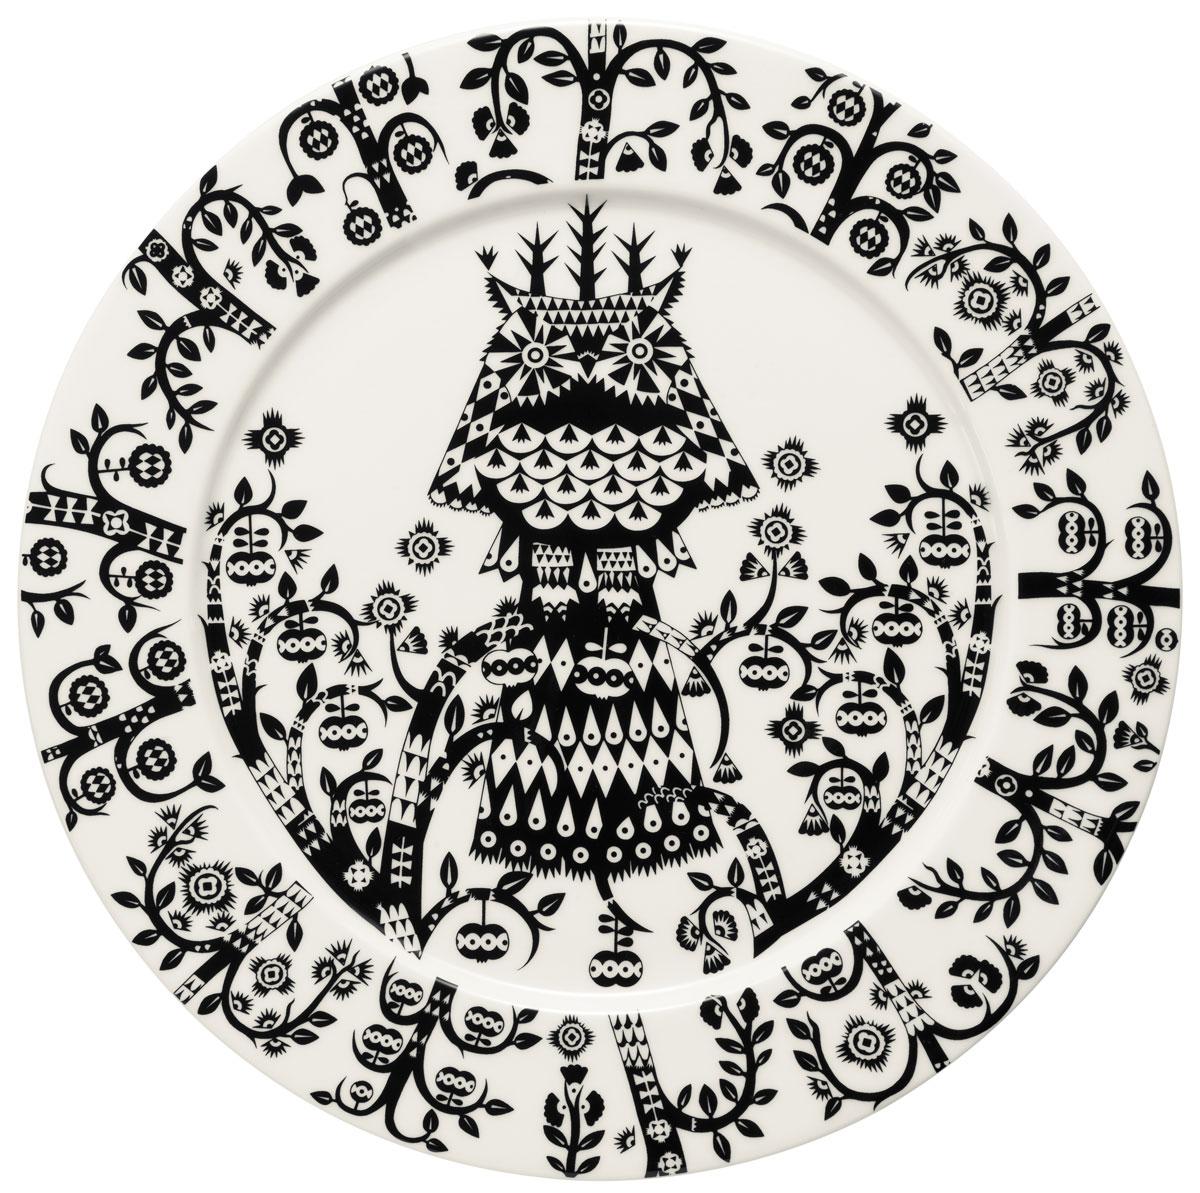 """Тарелка Iittala """"Taika"""" выполнена из качественного жароустойчивого прочного фарфора с долговечным стекловидным эмалевым покрытием.  Идеально подойдет для сервировки стола и станет отличным подарком к любому празднику."""